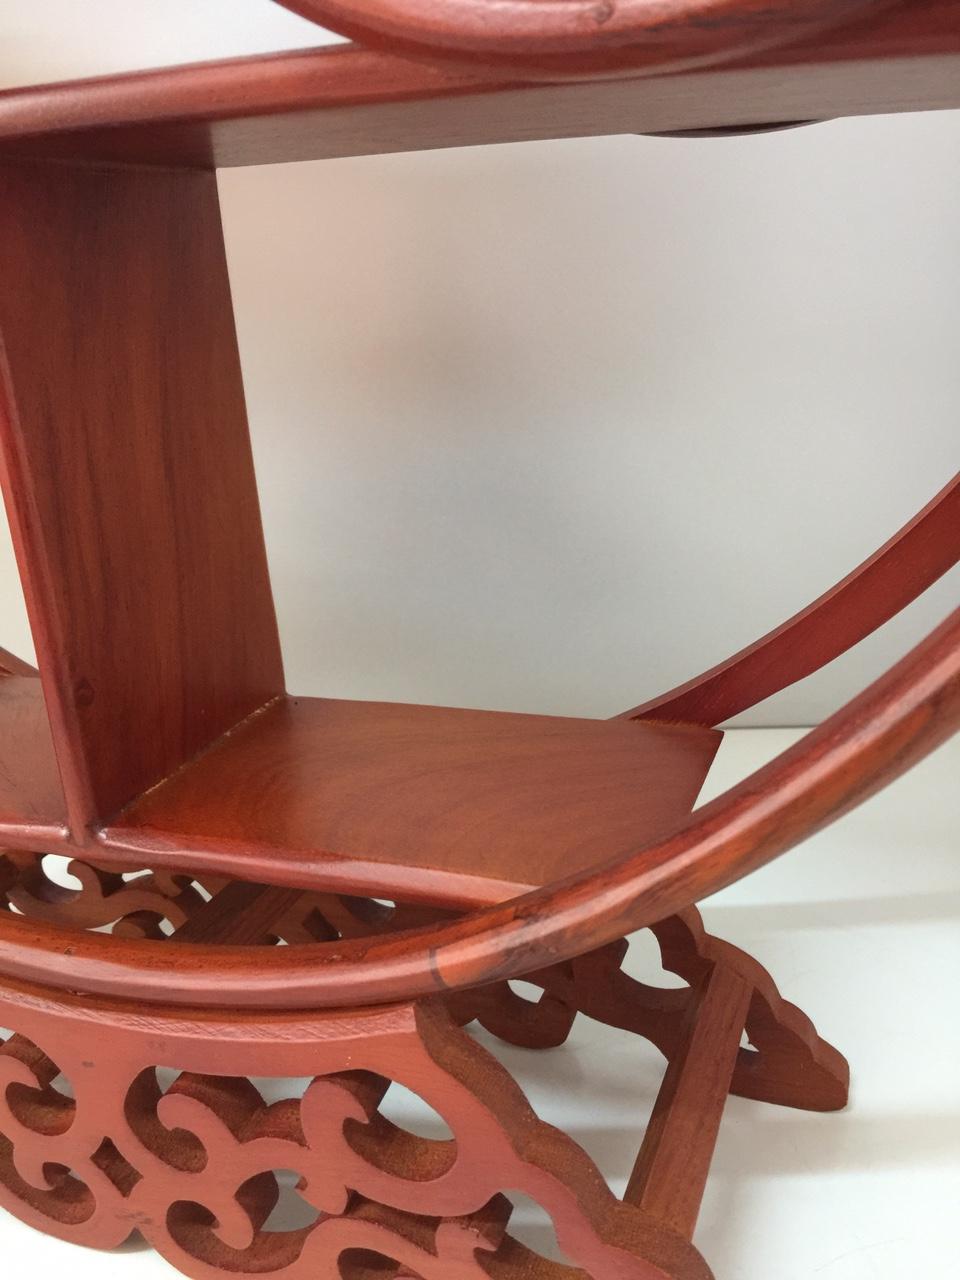 Kệ gỗ trang trí ( gỗ gõ đỏ) - ngang 42, sâu 11, cao 48cm